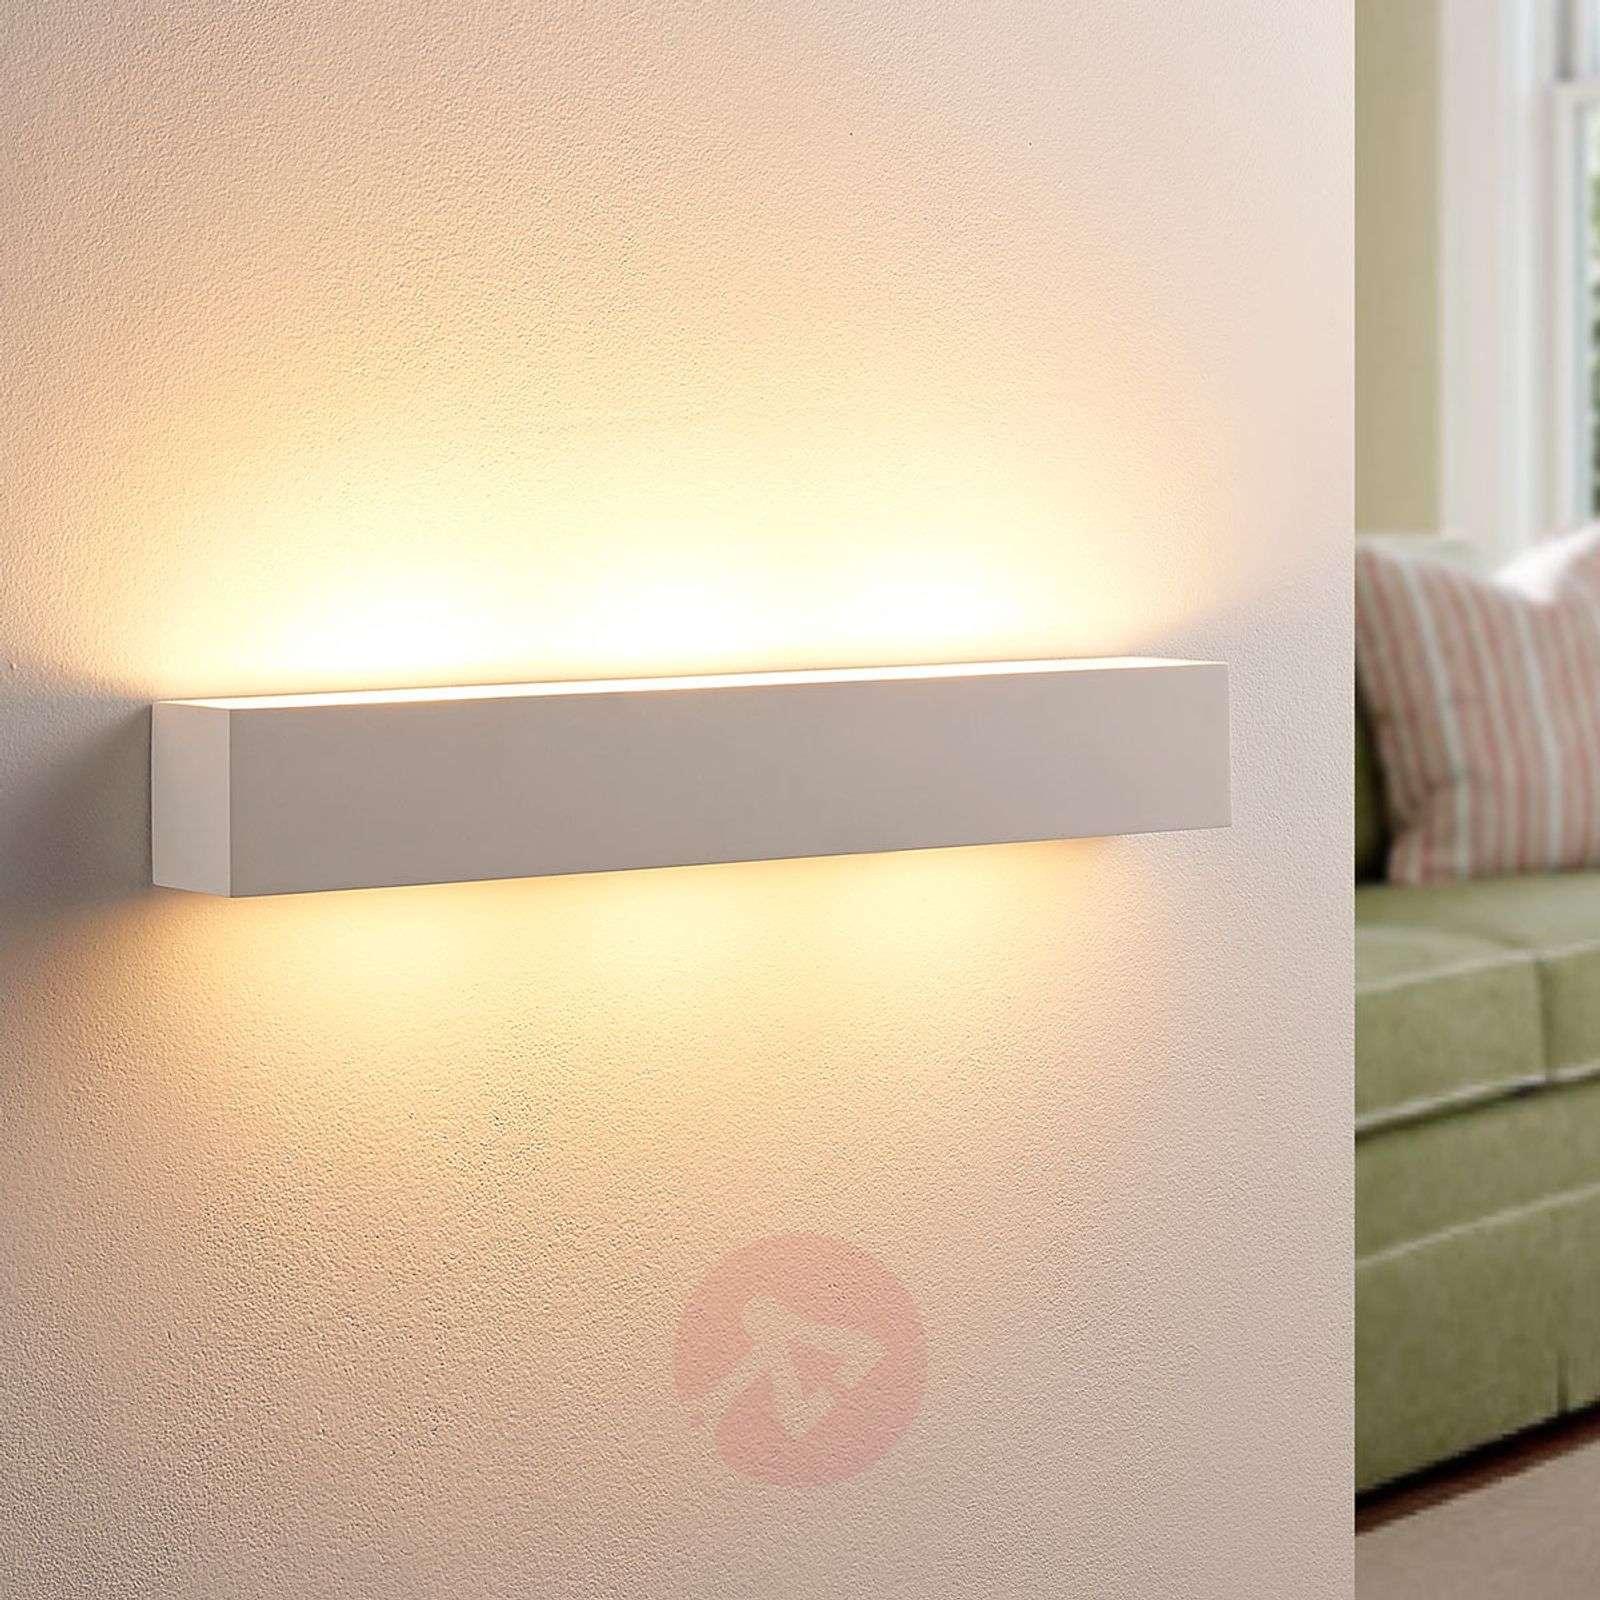 Tjada pitkänomainen LED-seinävalaisin, kipsiä-9621338-02